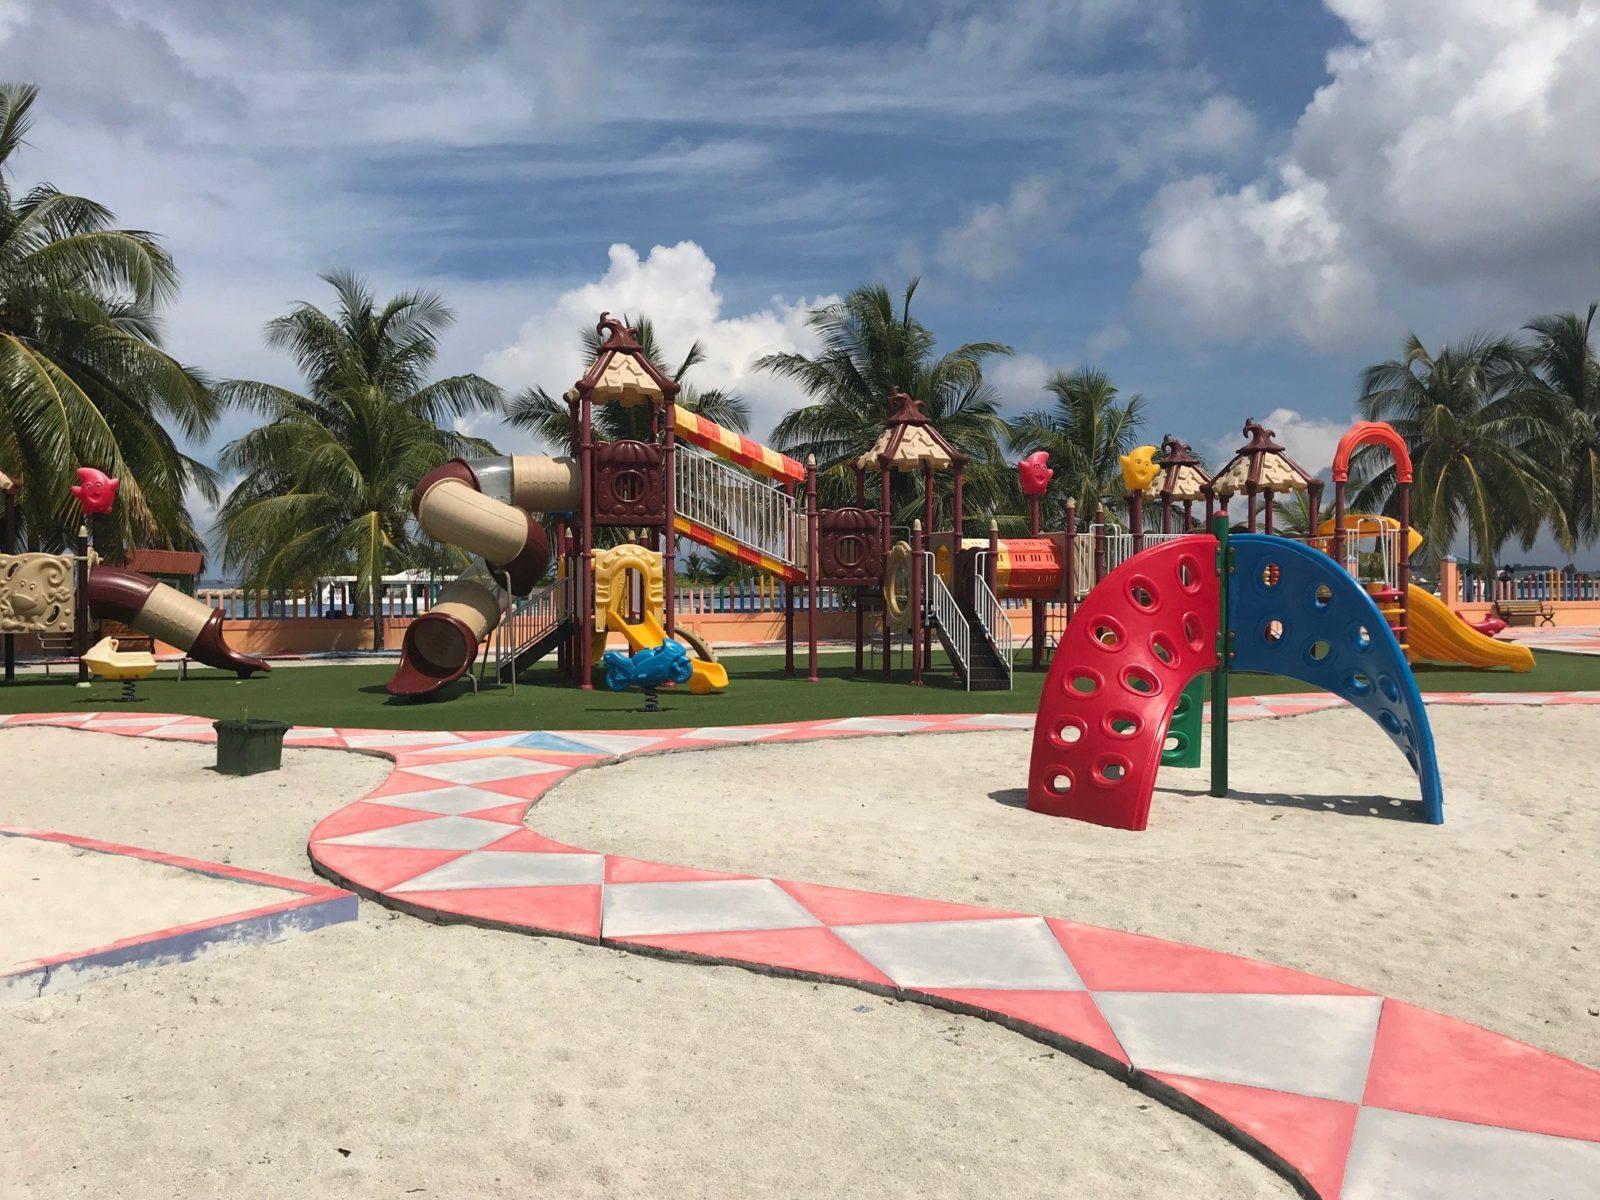 детская площадка на острове Мативери, Мальдивы